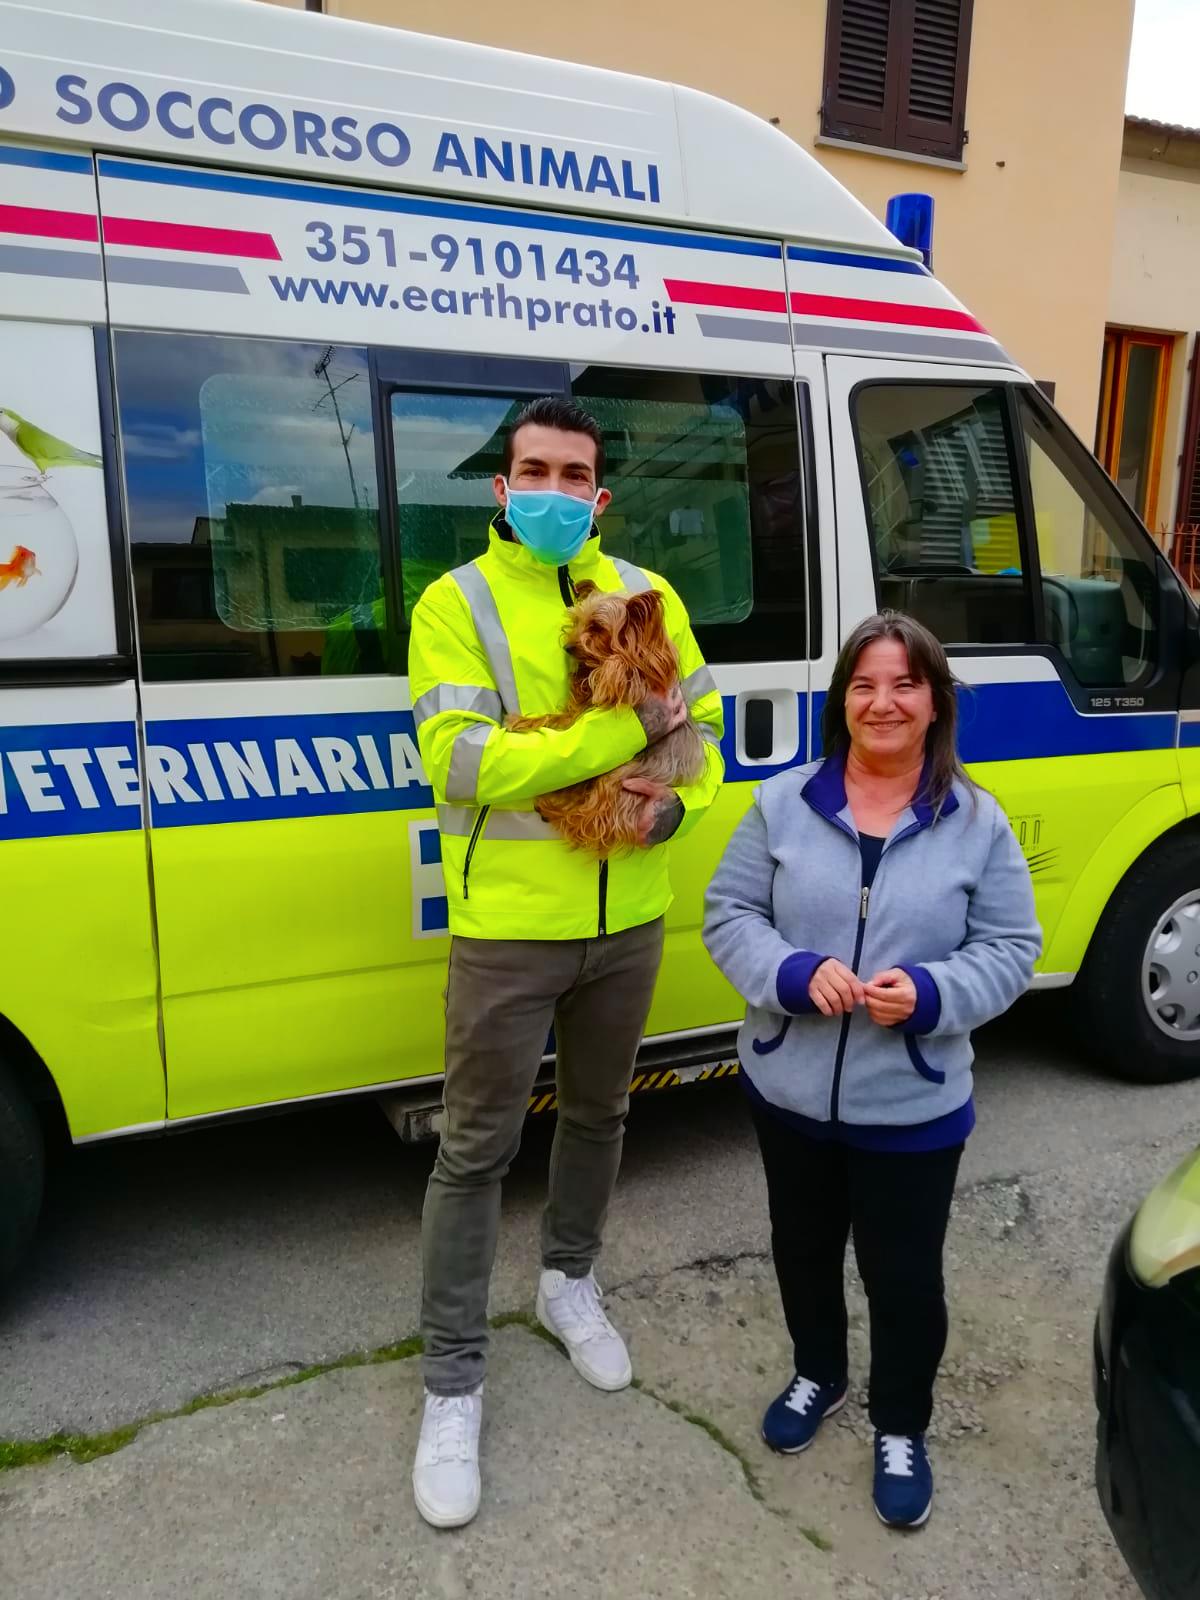 Ercole e l'ambulanza veterinaria